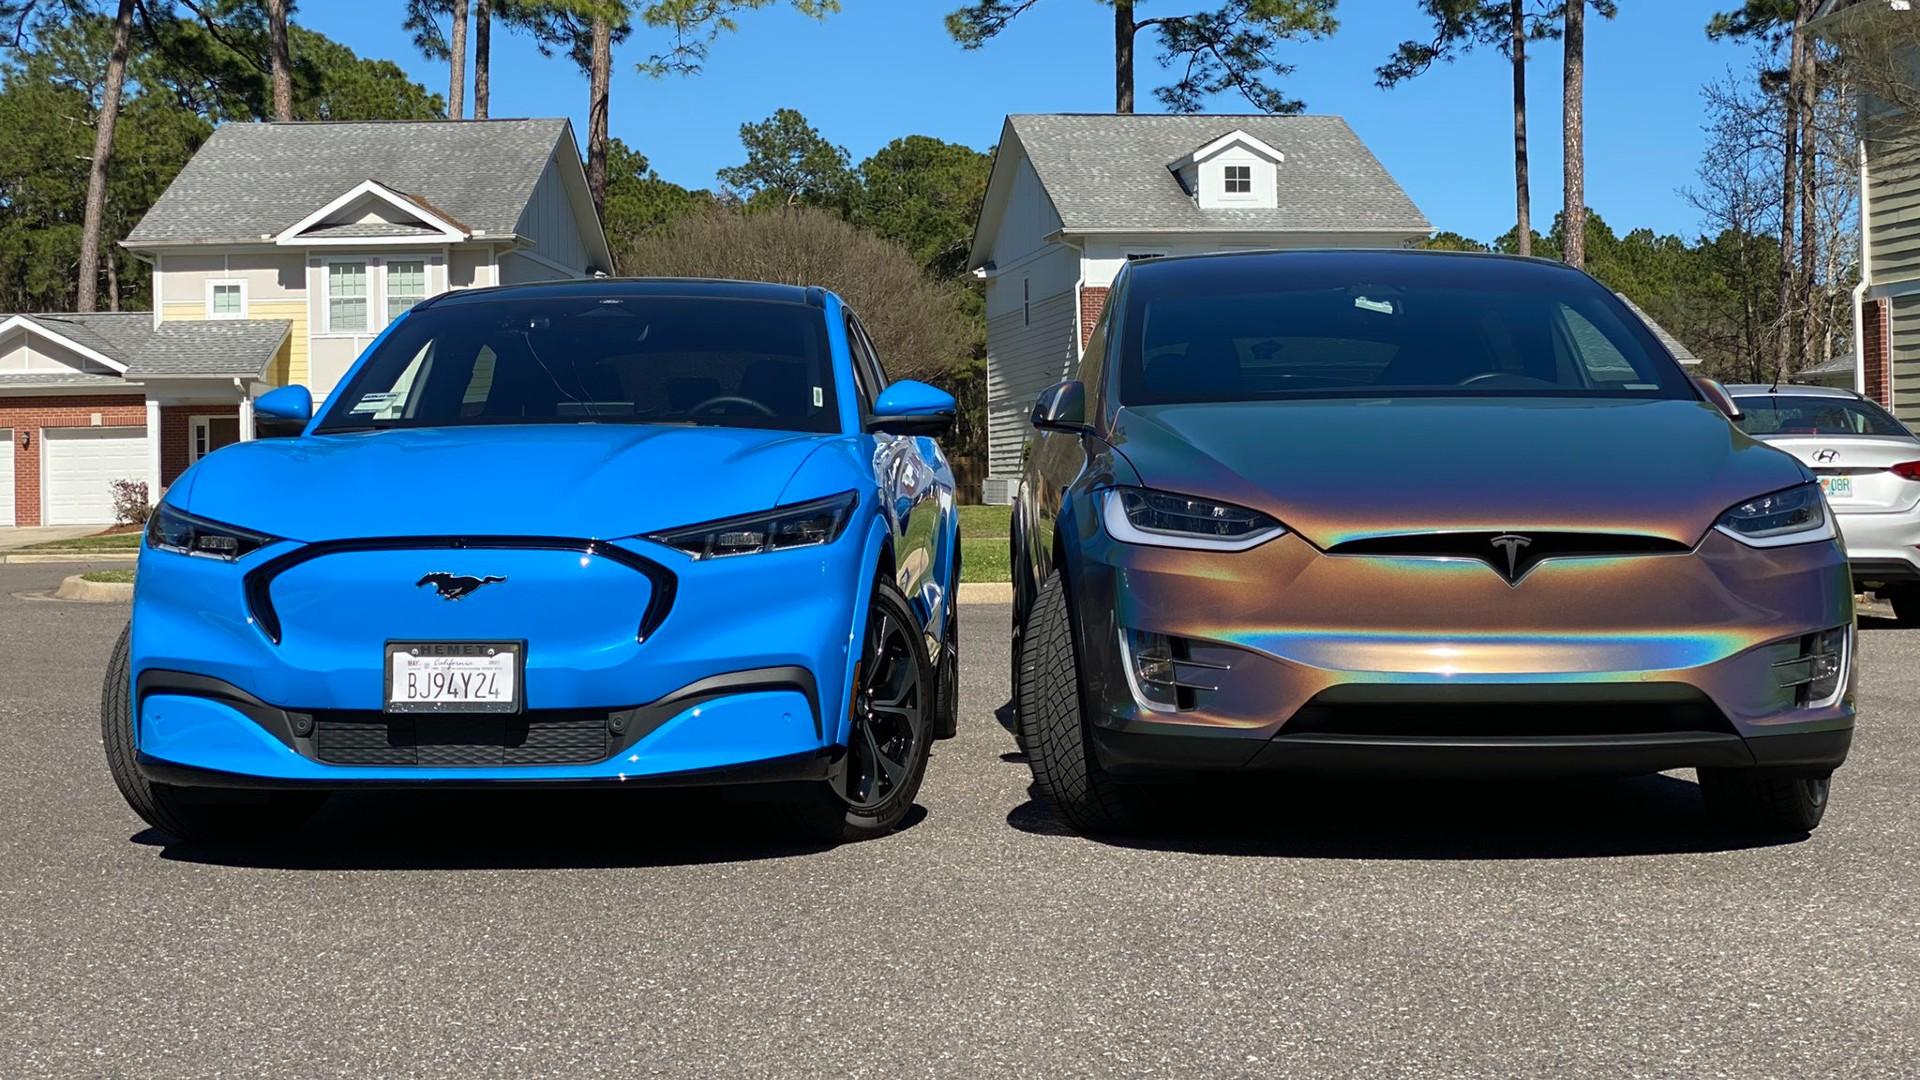 Ιδιοκτήτες Tesla κάνουν bullying σε όσους απέκτησαν την ηλεκτρική Ford Mustang Mach-E!